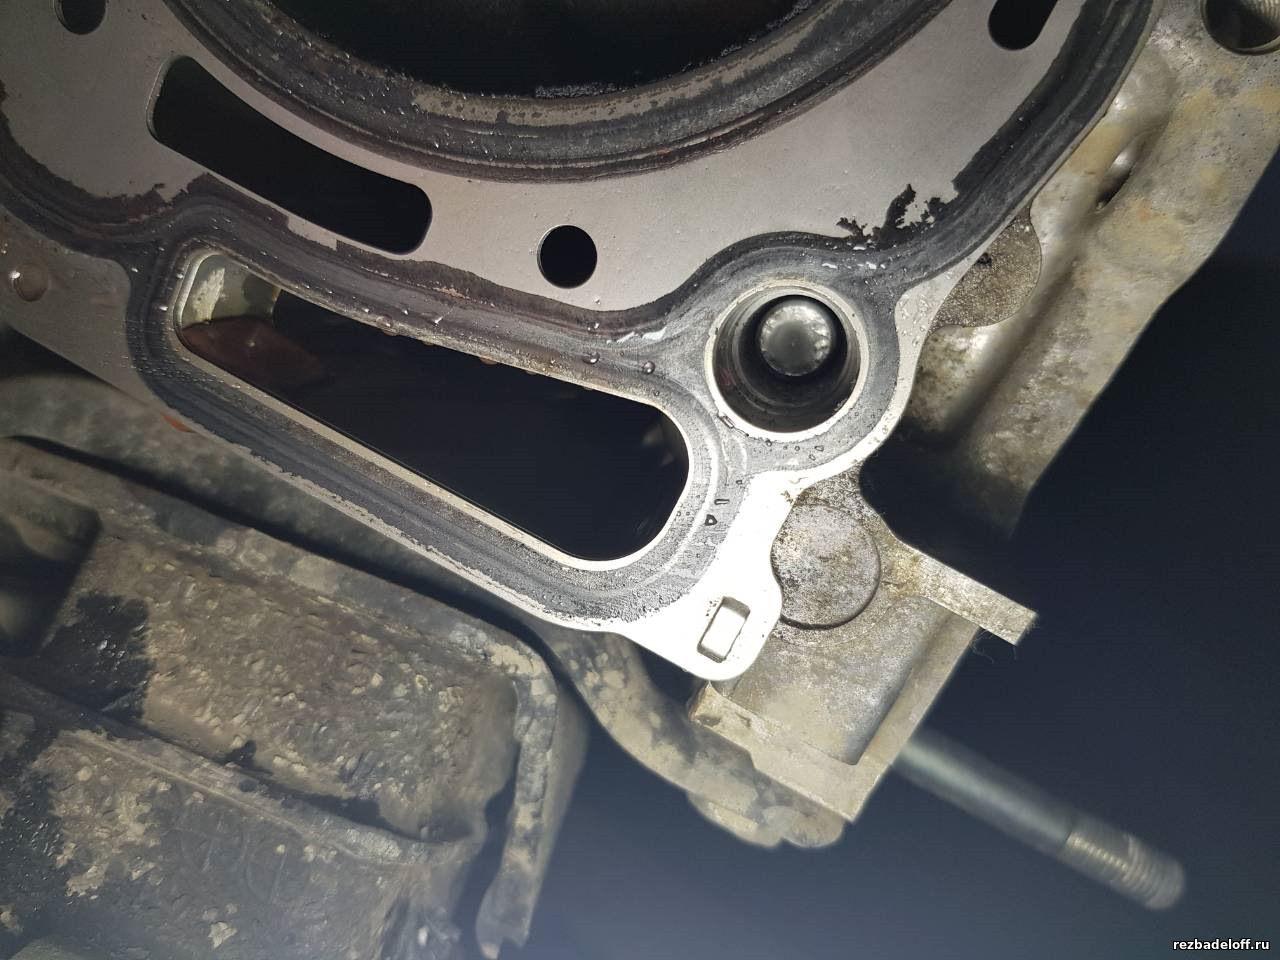 Выкручивание, высверливание сломанных болтов из блока цилиндров